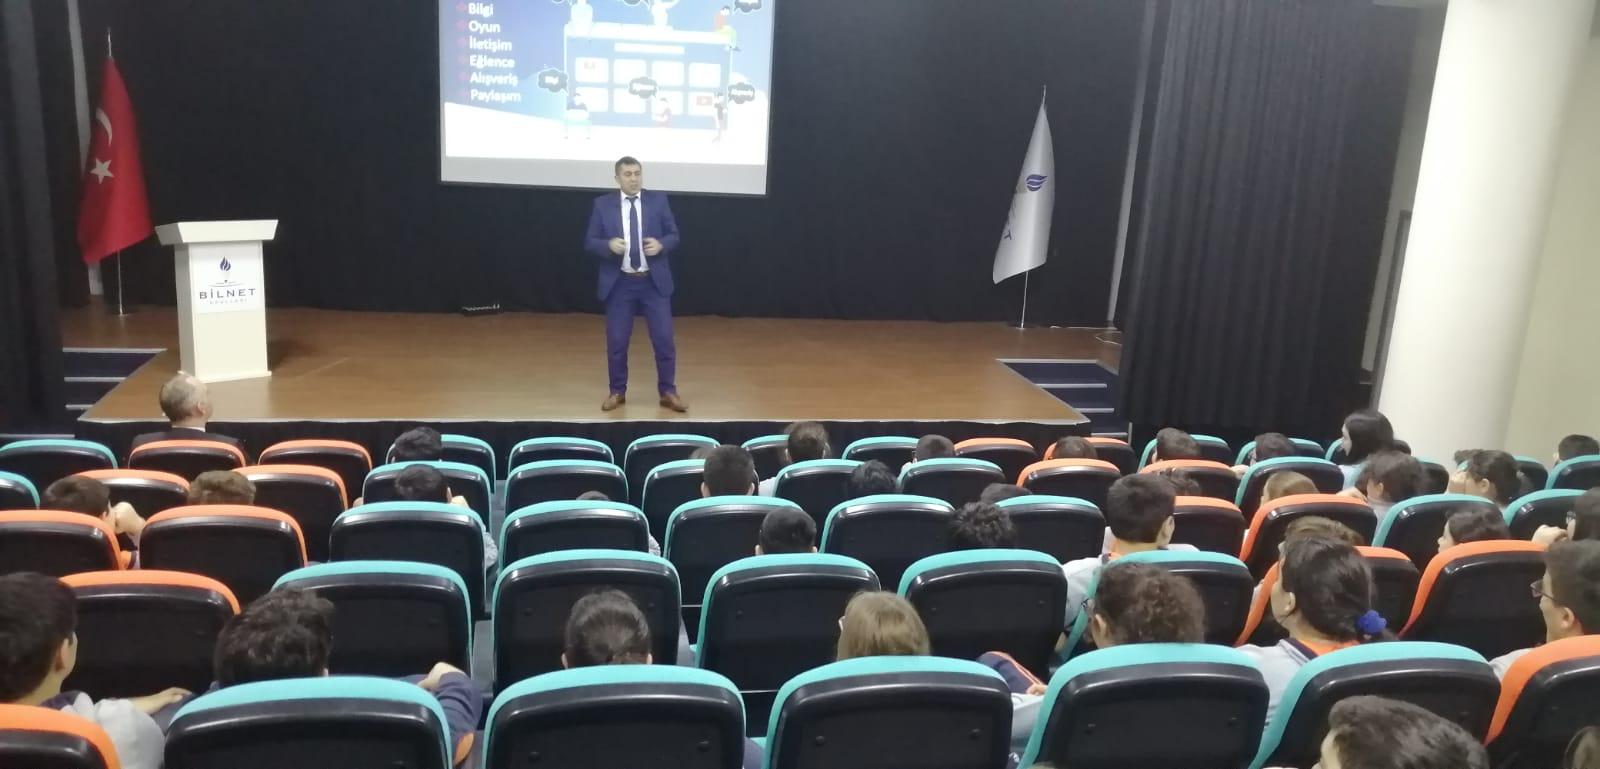 Ankara Çankaya - Çayyolu Bilnet Okullarında, Bilinçli ve Güvenli İnternet Semineri